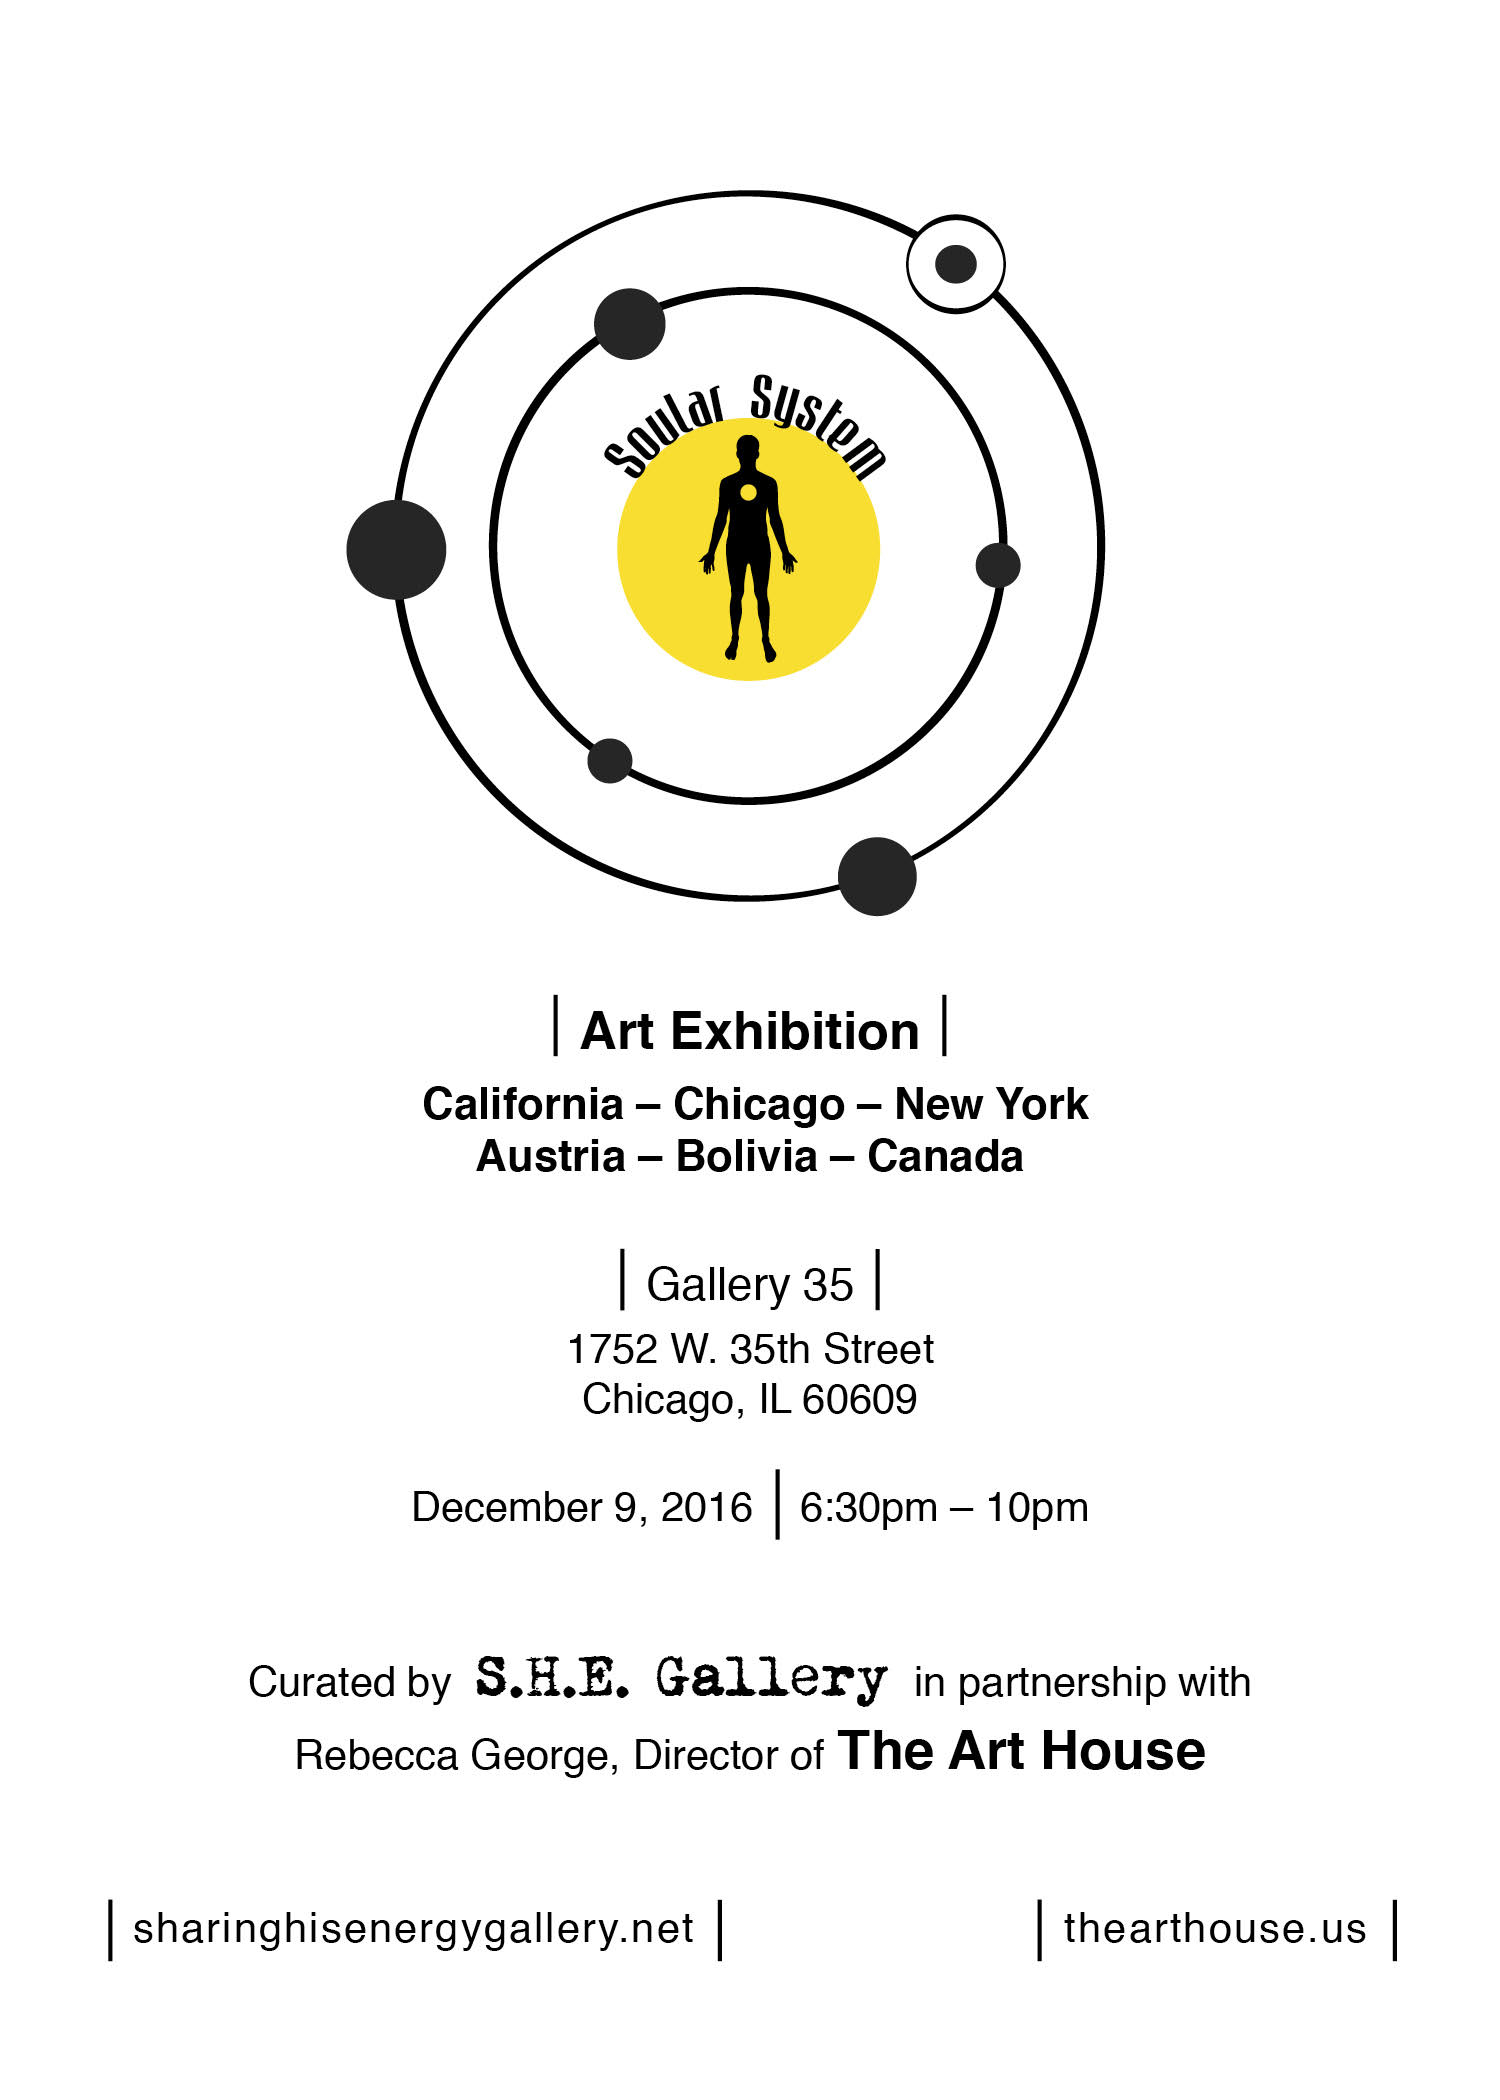 S.H.E. Gallery